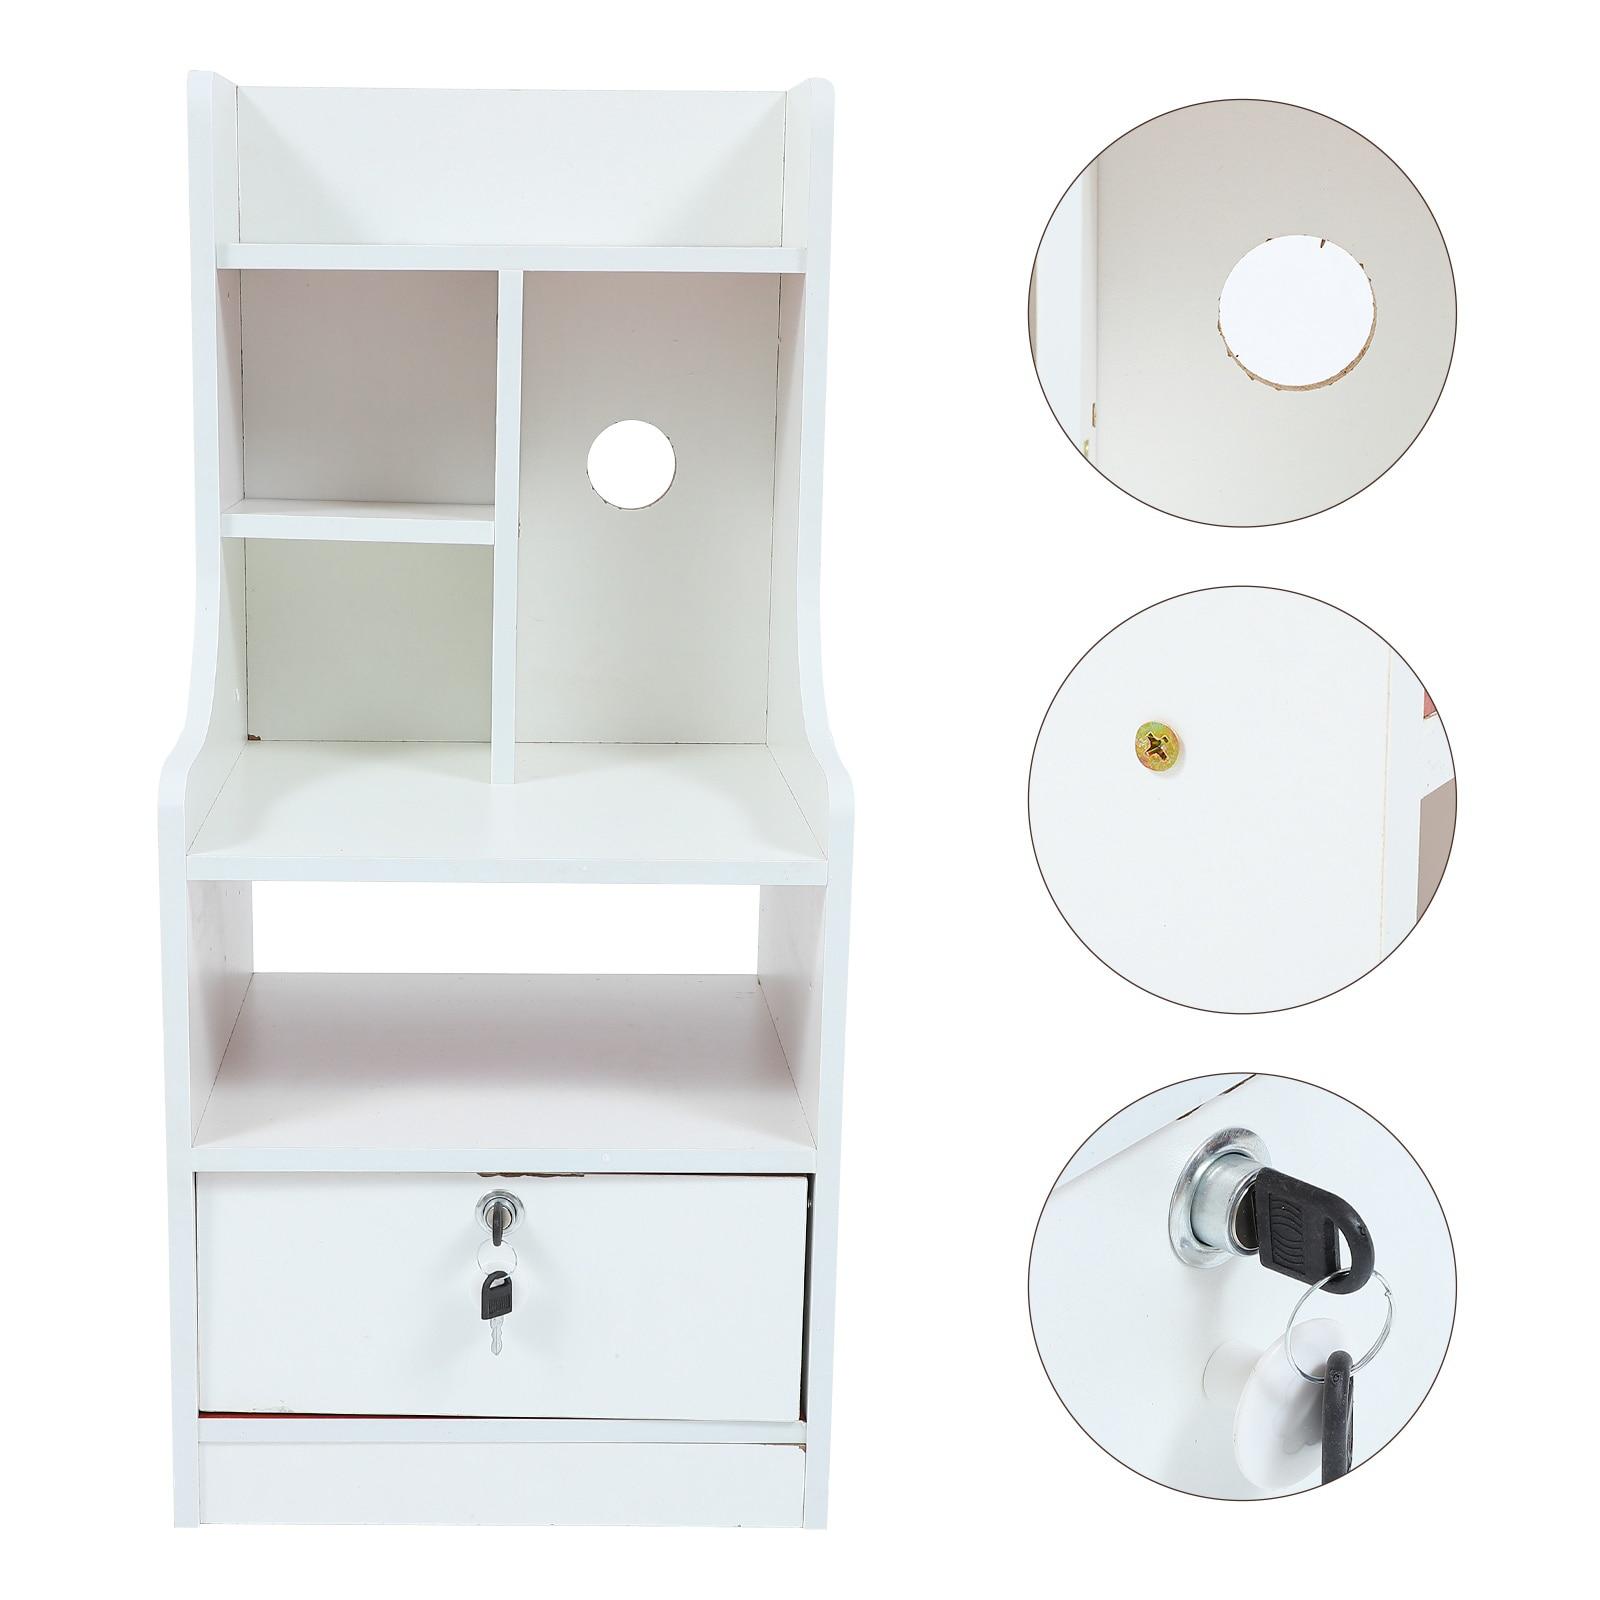 1 قطعة خزانة بجوار السرير بسيط السرير الجدول الأبيض منضدة أثاث غرفة نوم